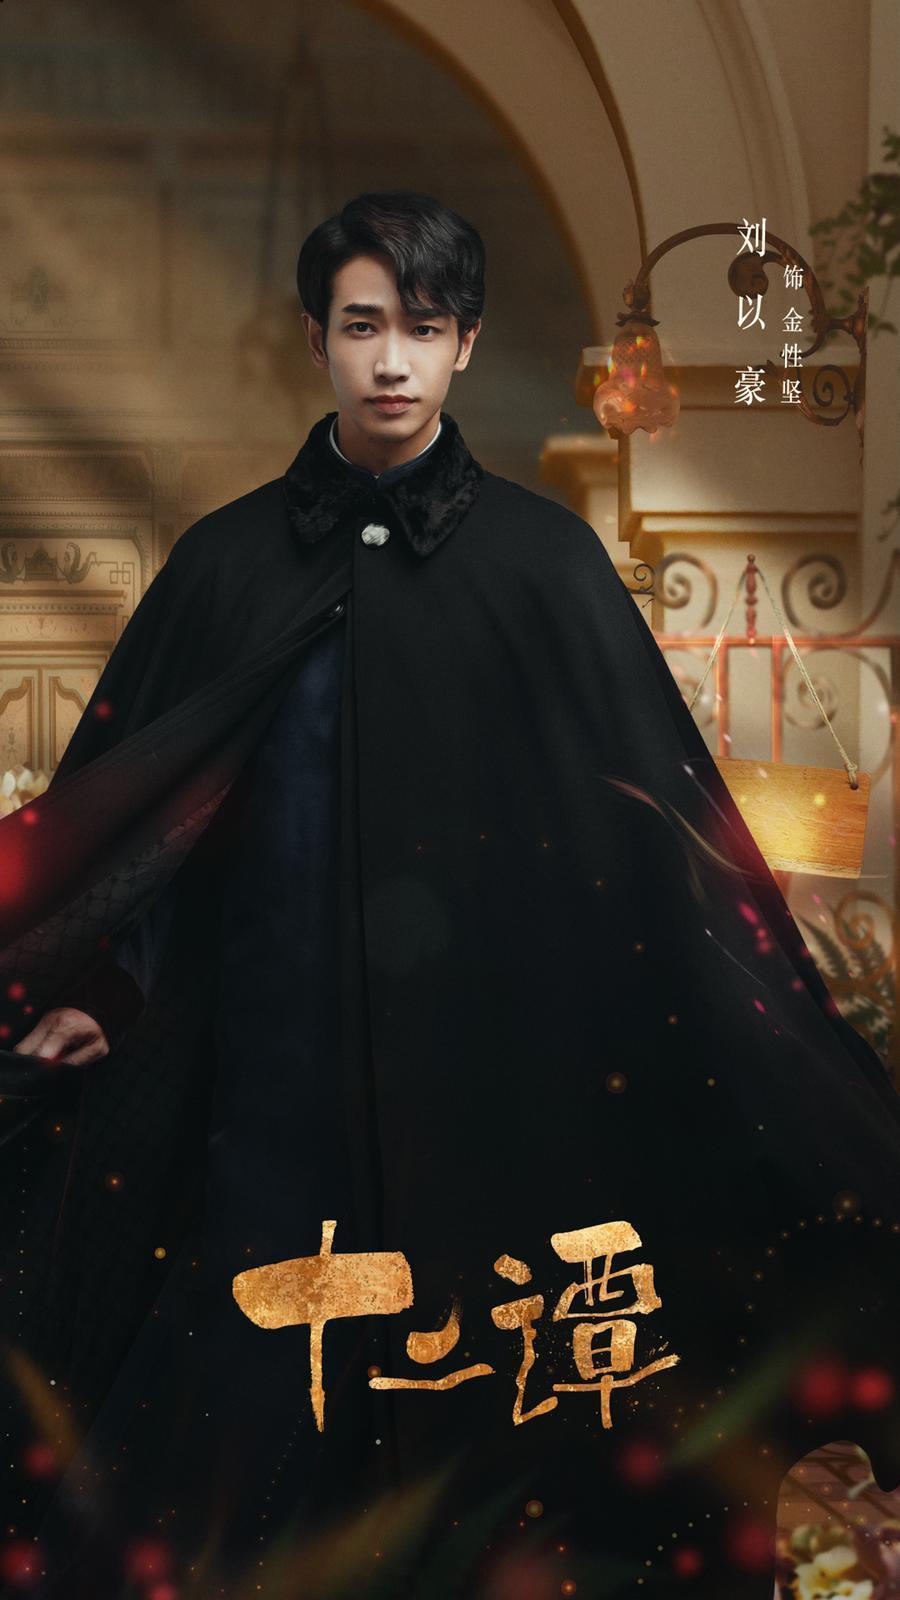 劉以豪主演新戲「十二譚」,帥氣造型曝光。圖/劉以豪經紀公司提供